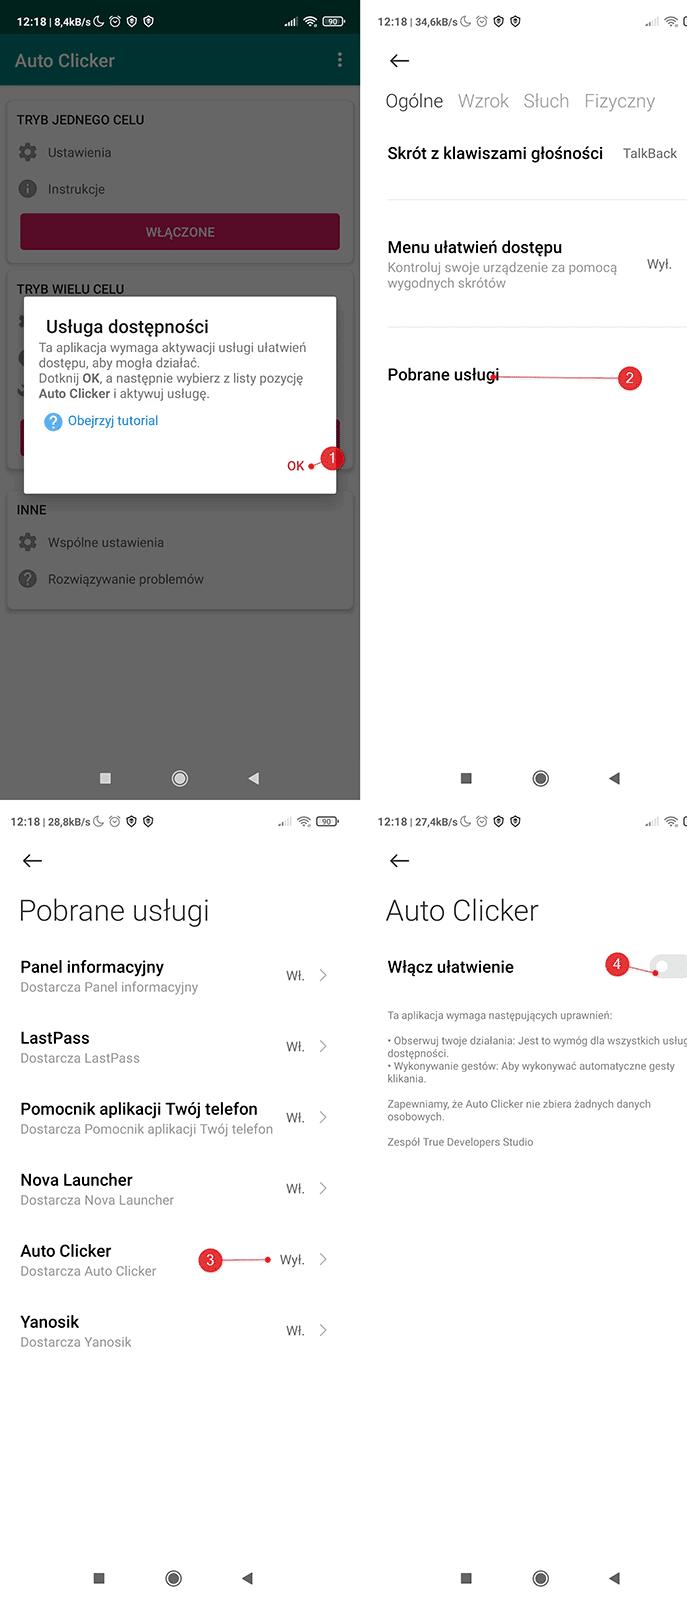 Screenshot 2021 01 27 12 18 19 619 com.truedevelopersstudio.automatictap.autoclicker kopia Jak stworzyć prosty auto clicker w Androidzie